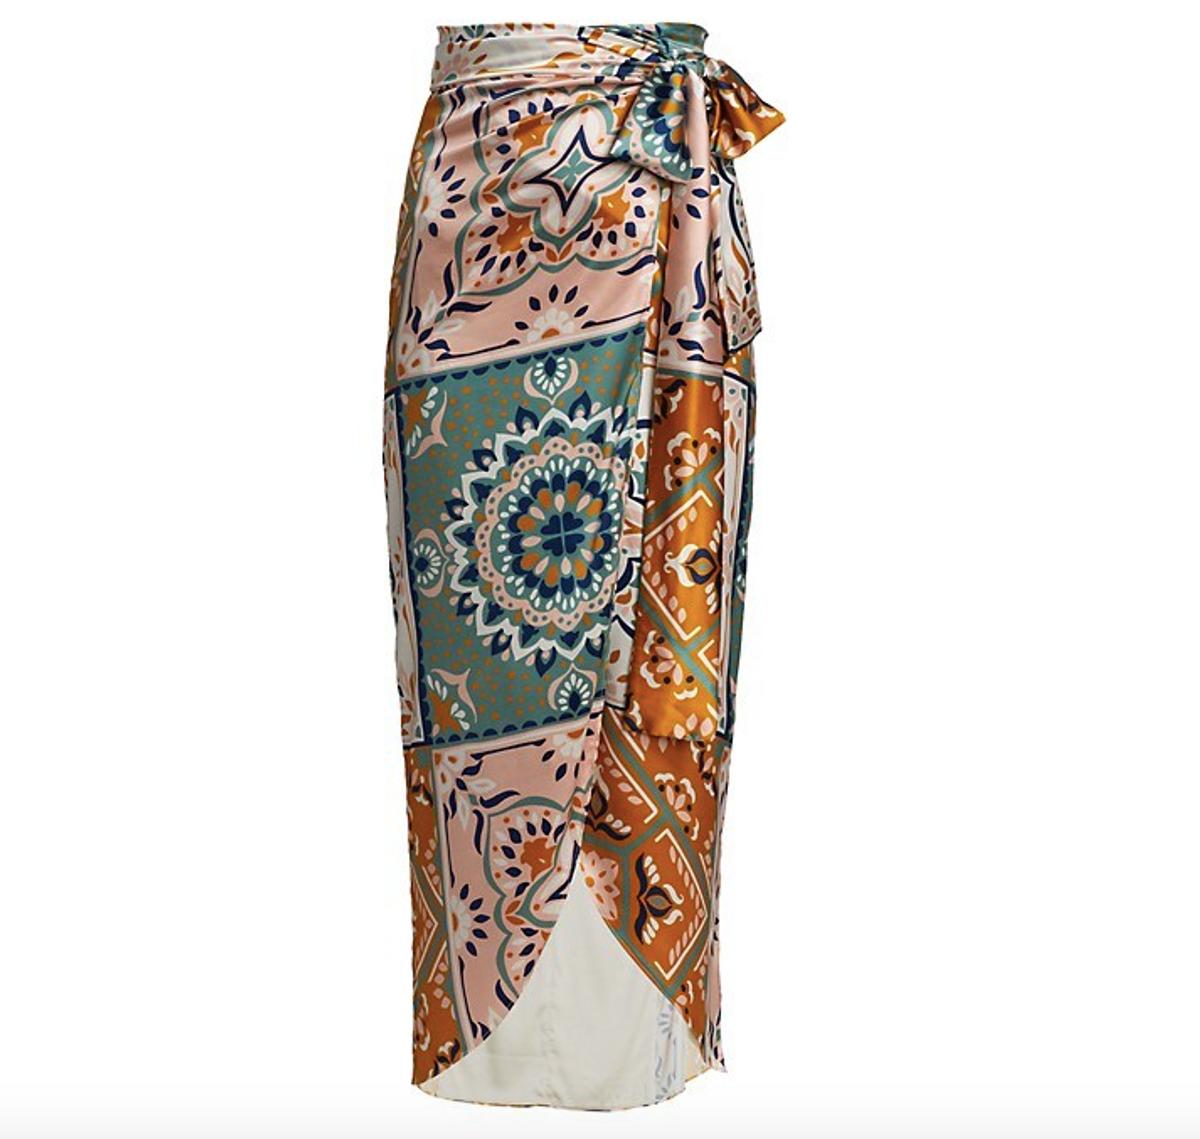 Bonnan Patchwork Wraparound Skirt